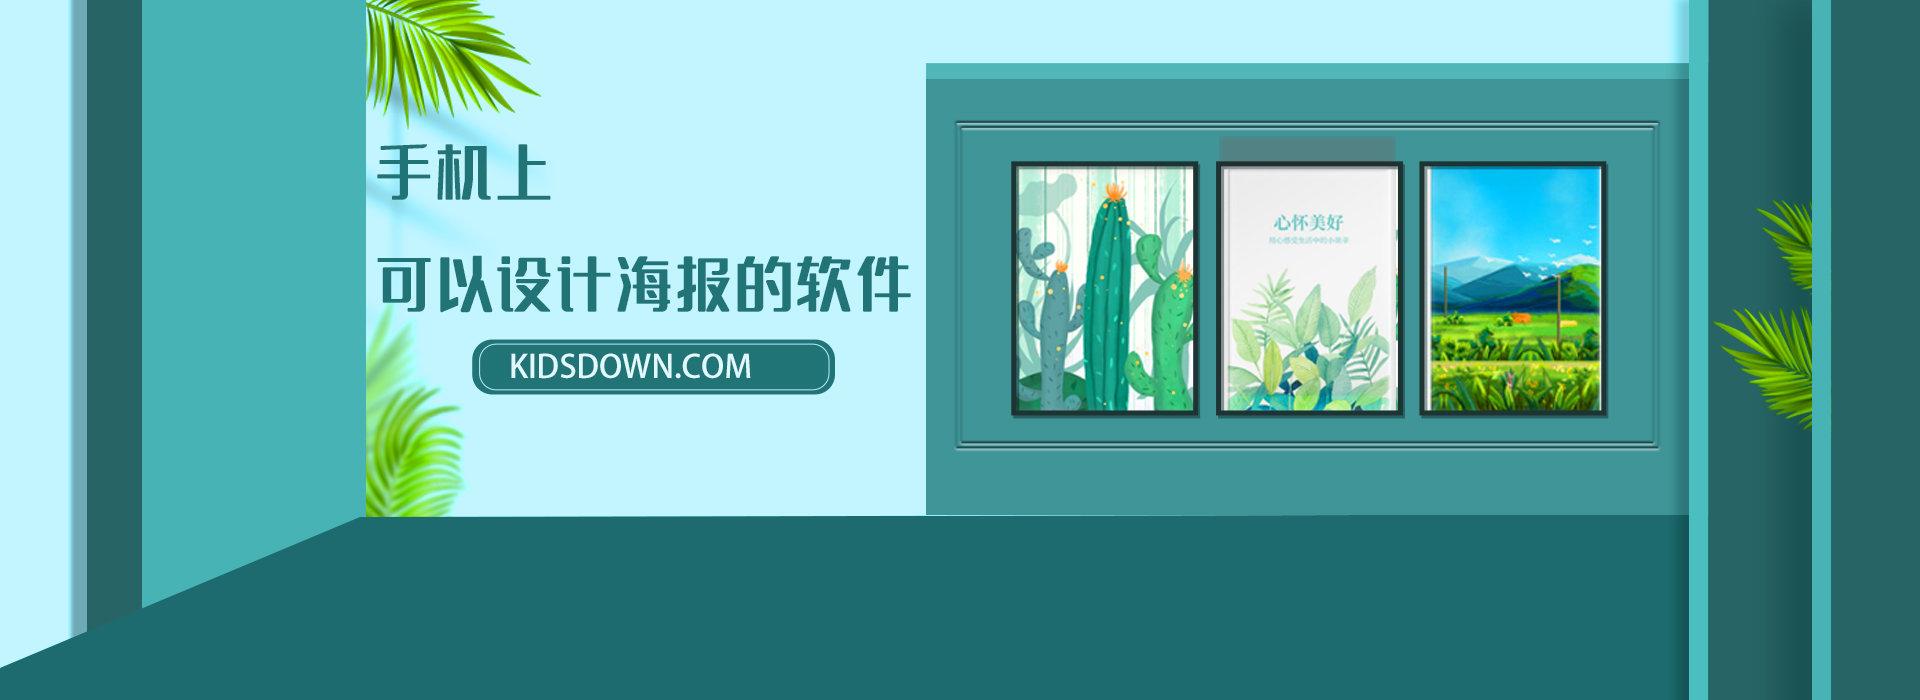 手机上可以设计海报的软件